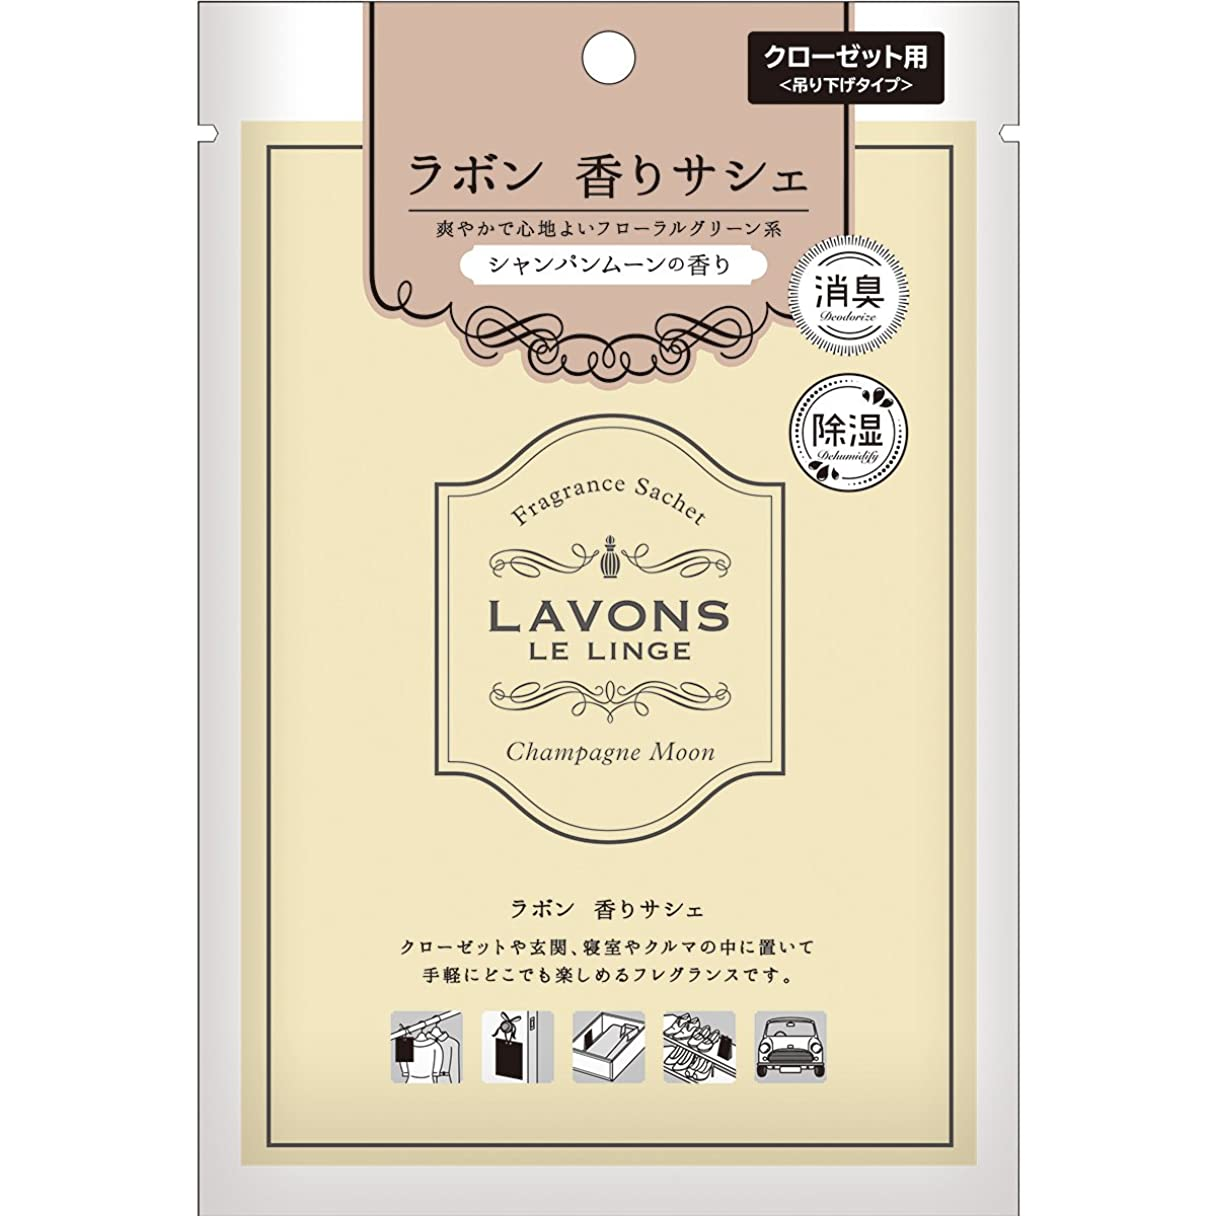 震えるモルヒネエントリラボン 香りサシェ (香り袋) シャンパンムーン 20g